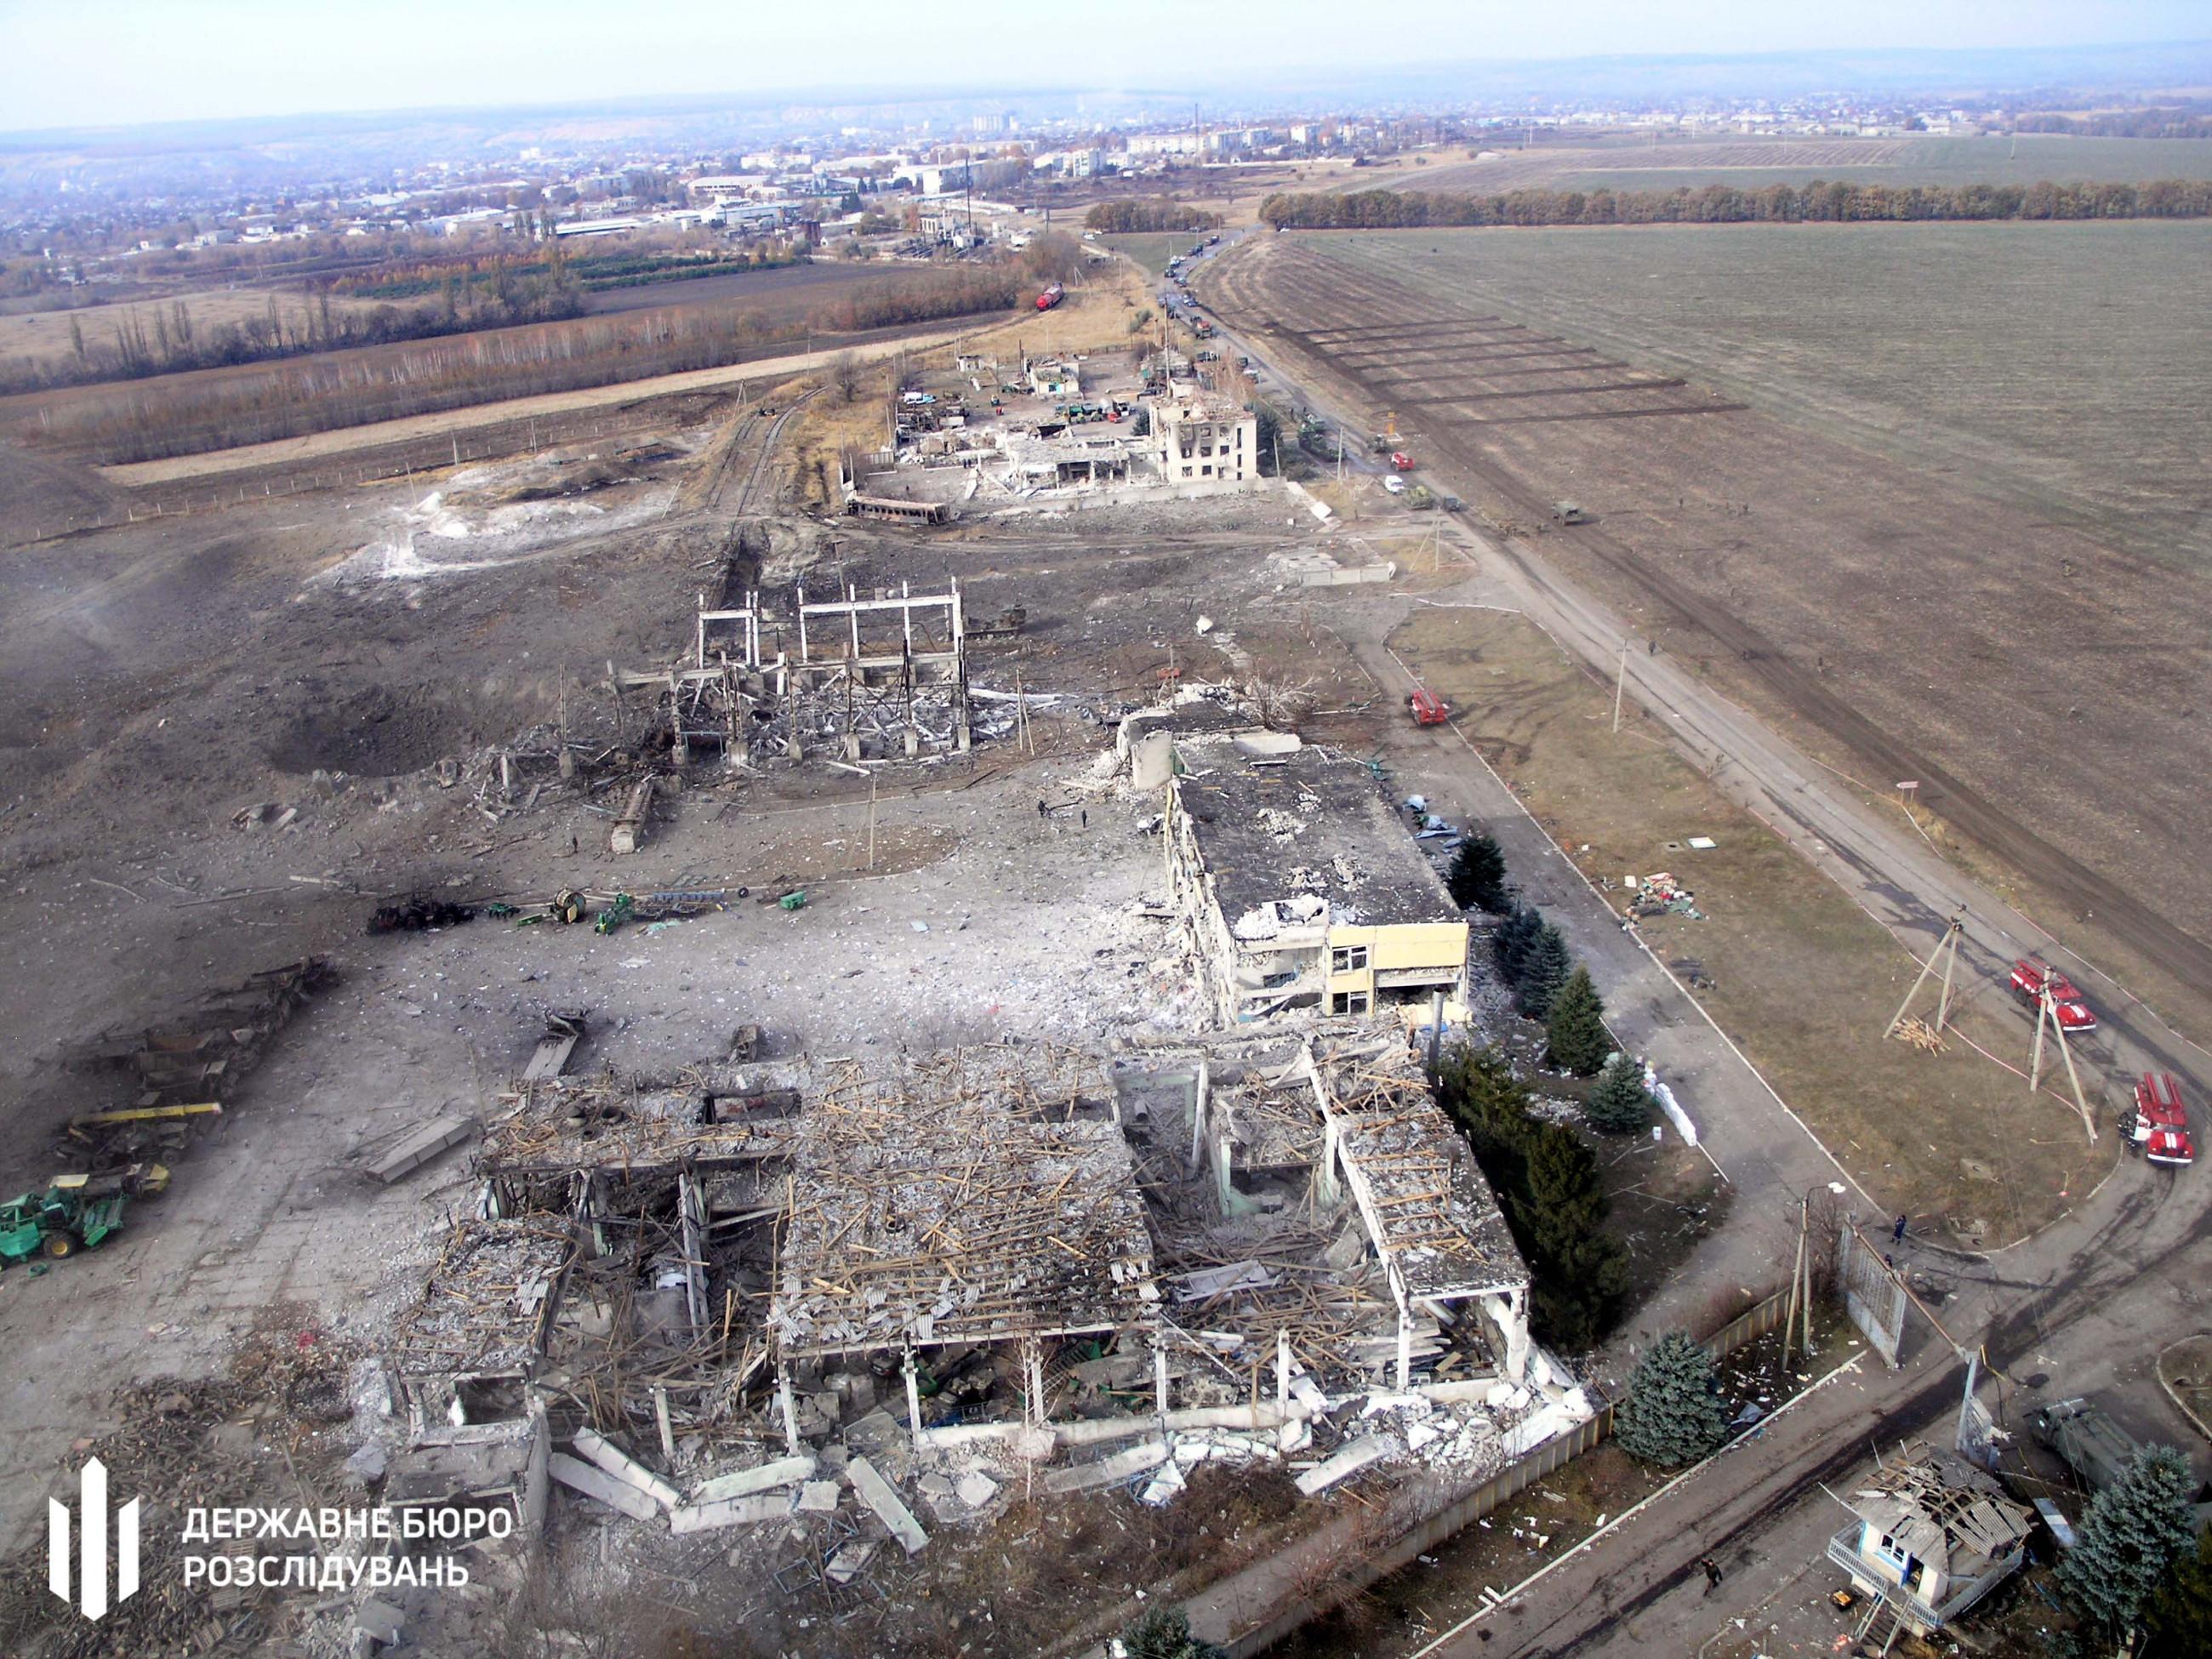 Вибухи на військових складах у Сватовому: через шість років оголошено перші підозри